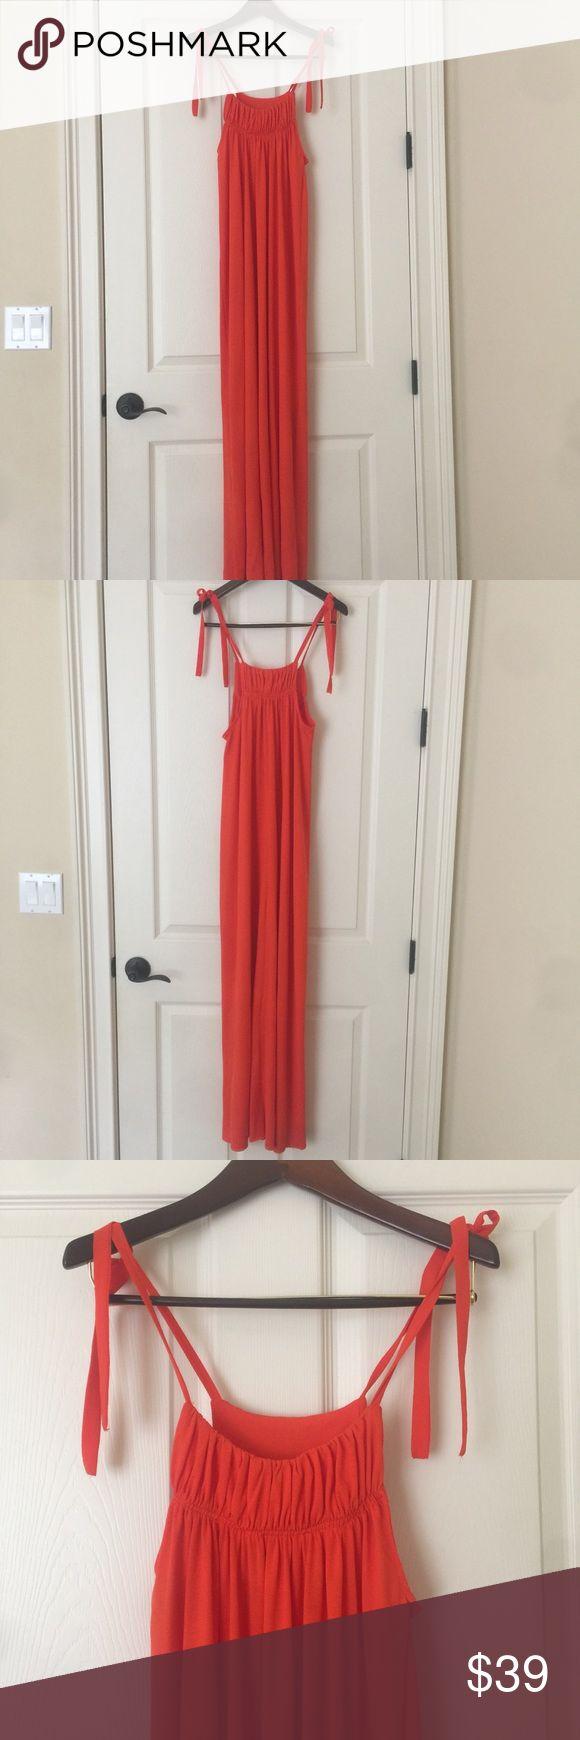 Zara orange maxi dress size small. NWOT Super cute Zara orange maxi dress size small. Never has been worn. NWOT Zara Dresses Maxi